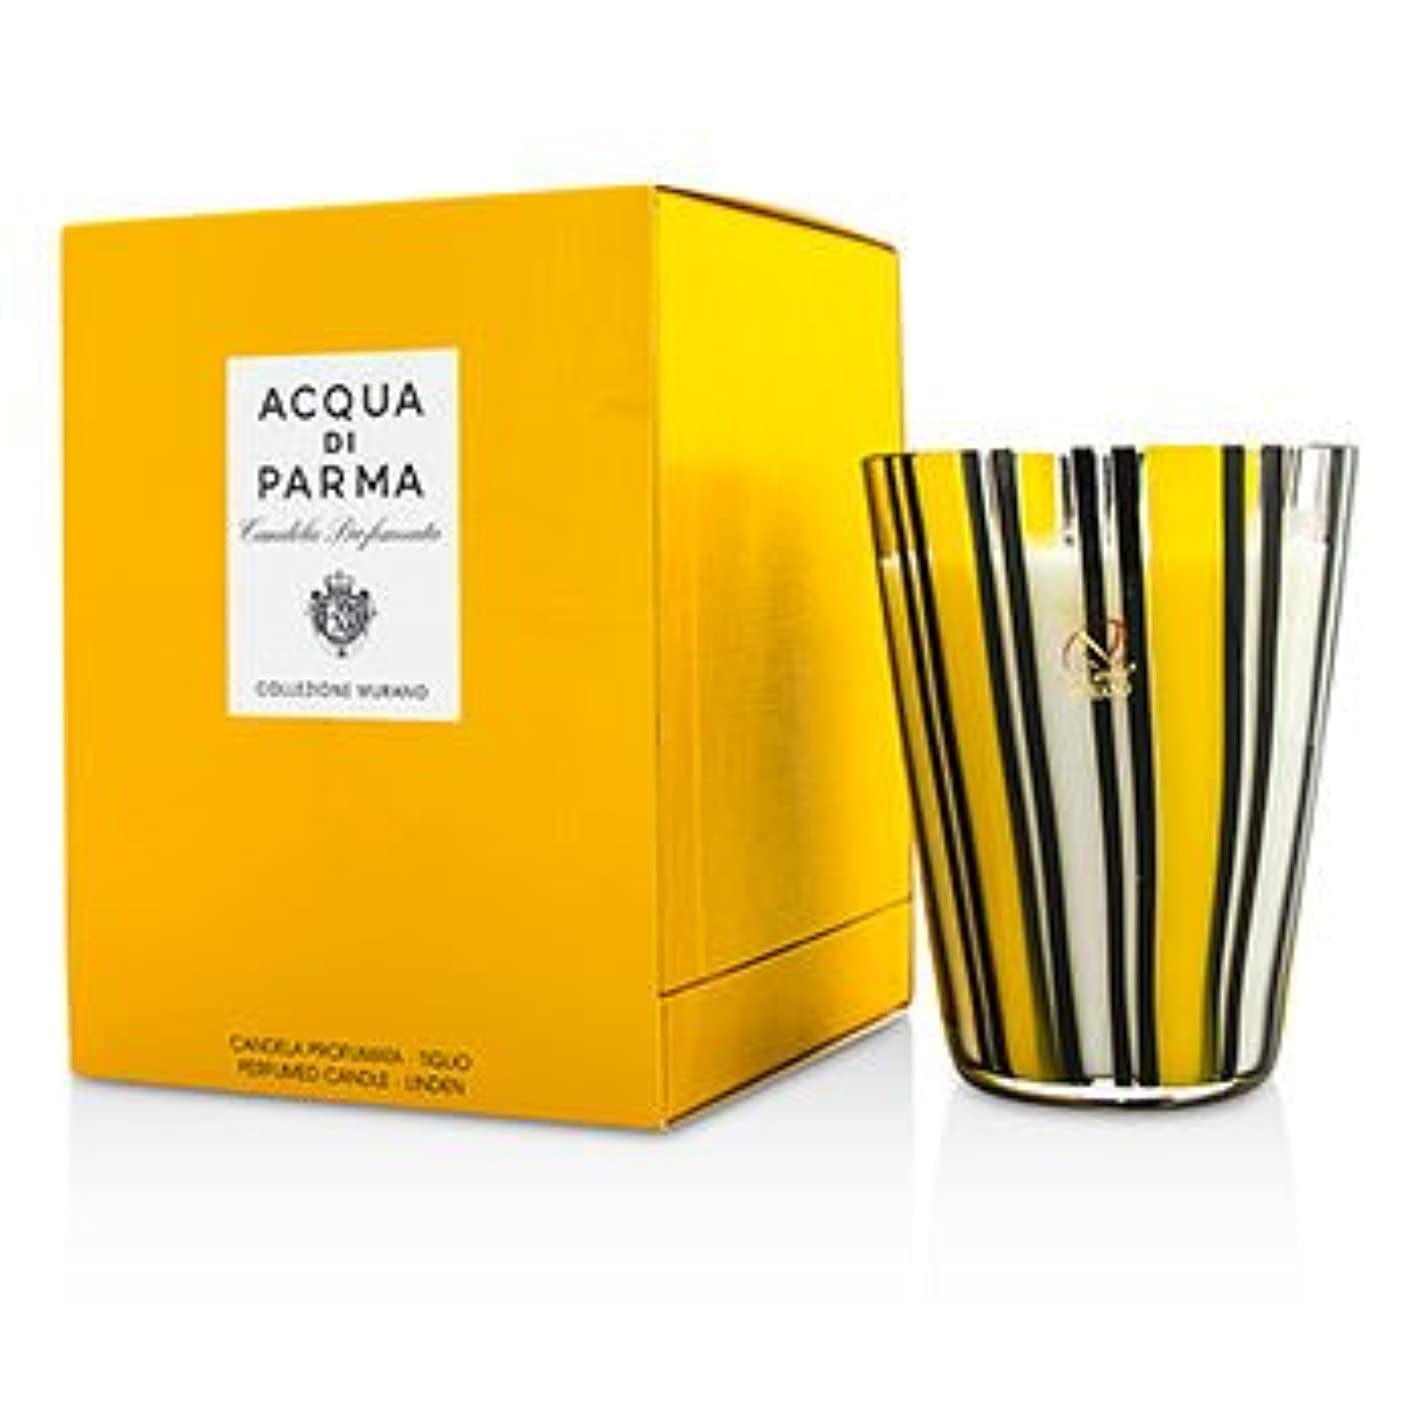 [Acqua Di Parma] Murano Glass Perfumed Candle - Tiglio (Linen) 200g/7.05oz